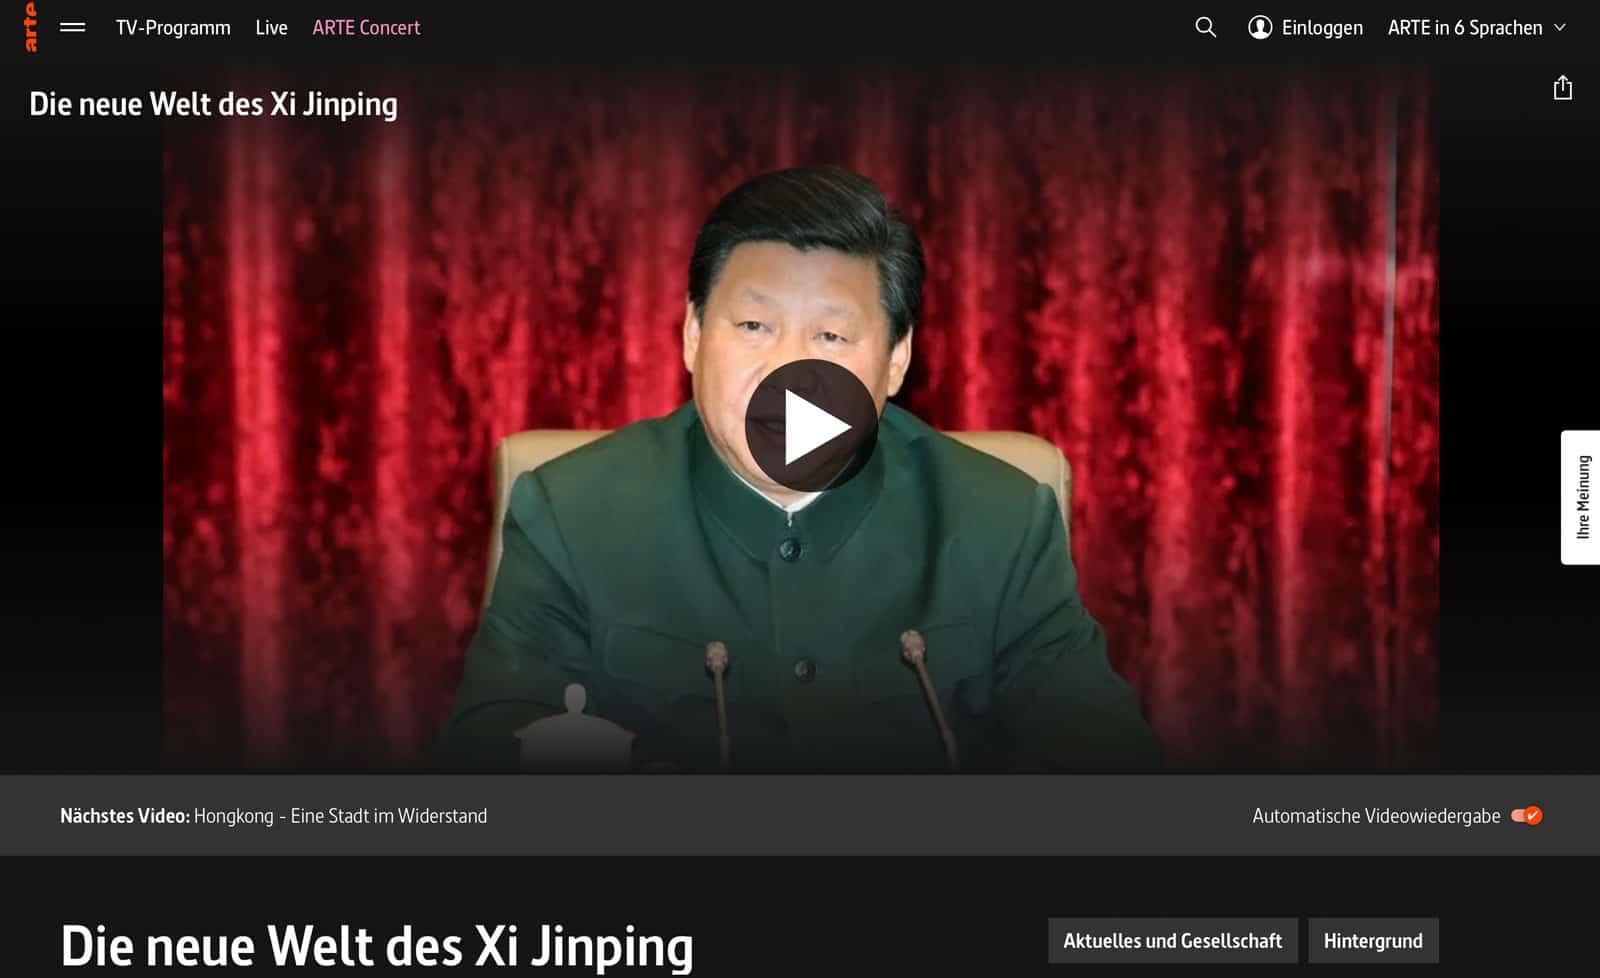 Die neue Welt von Xi Jinping